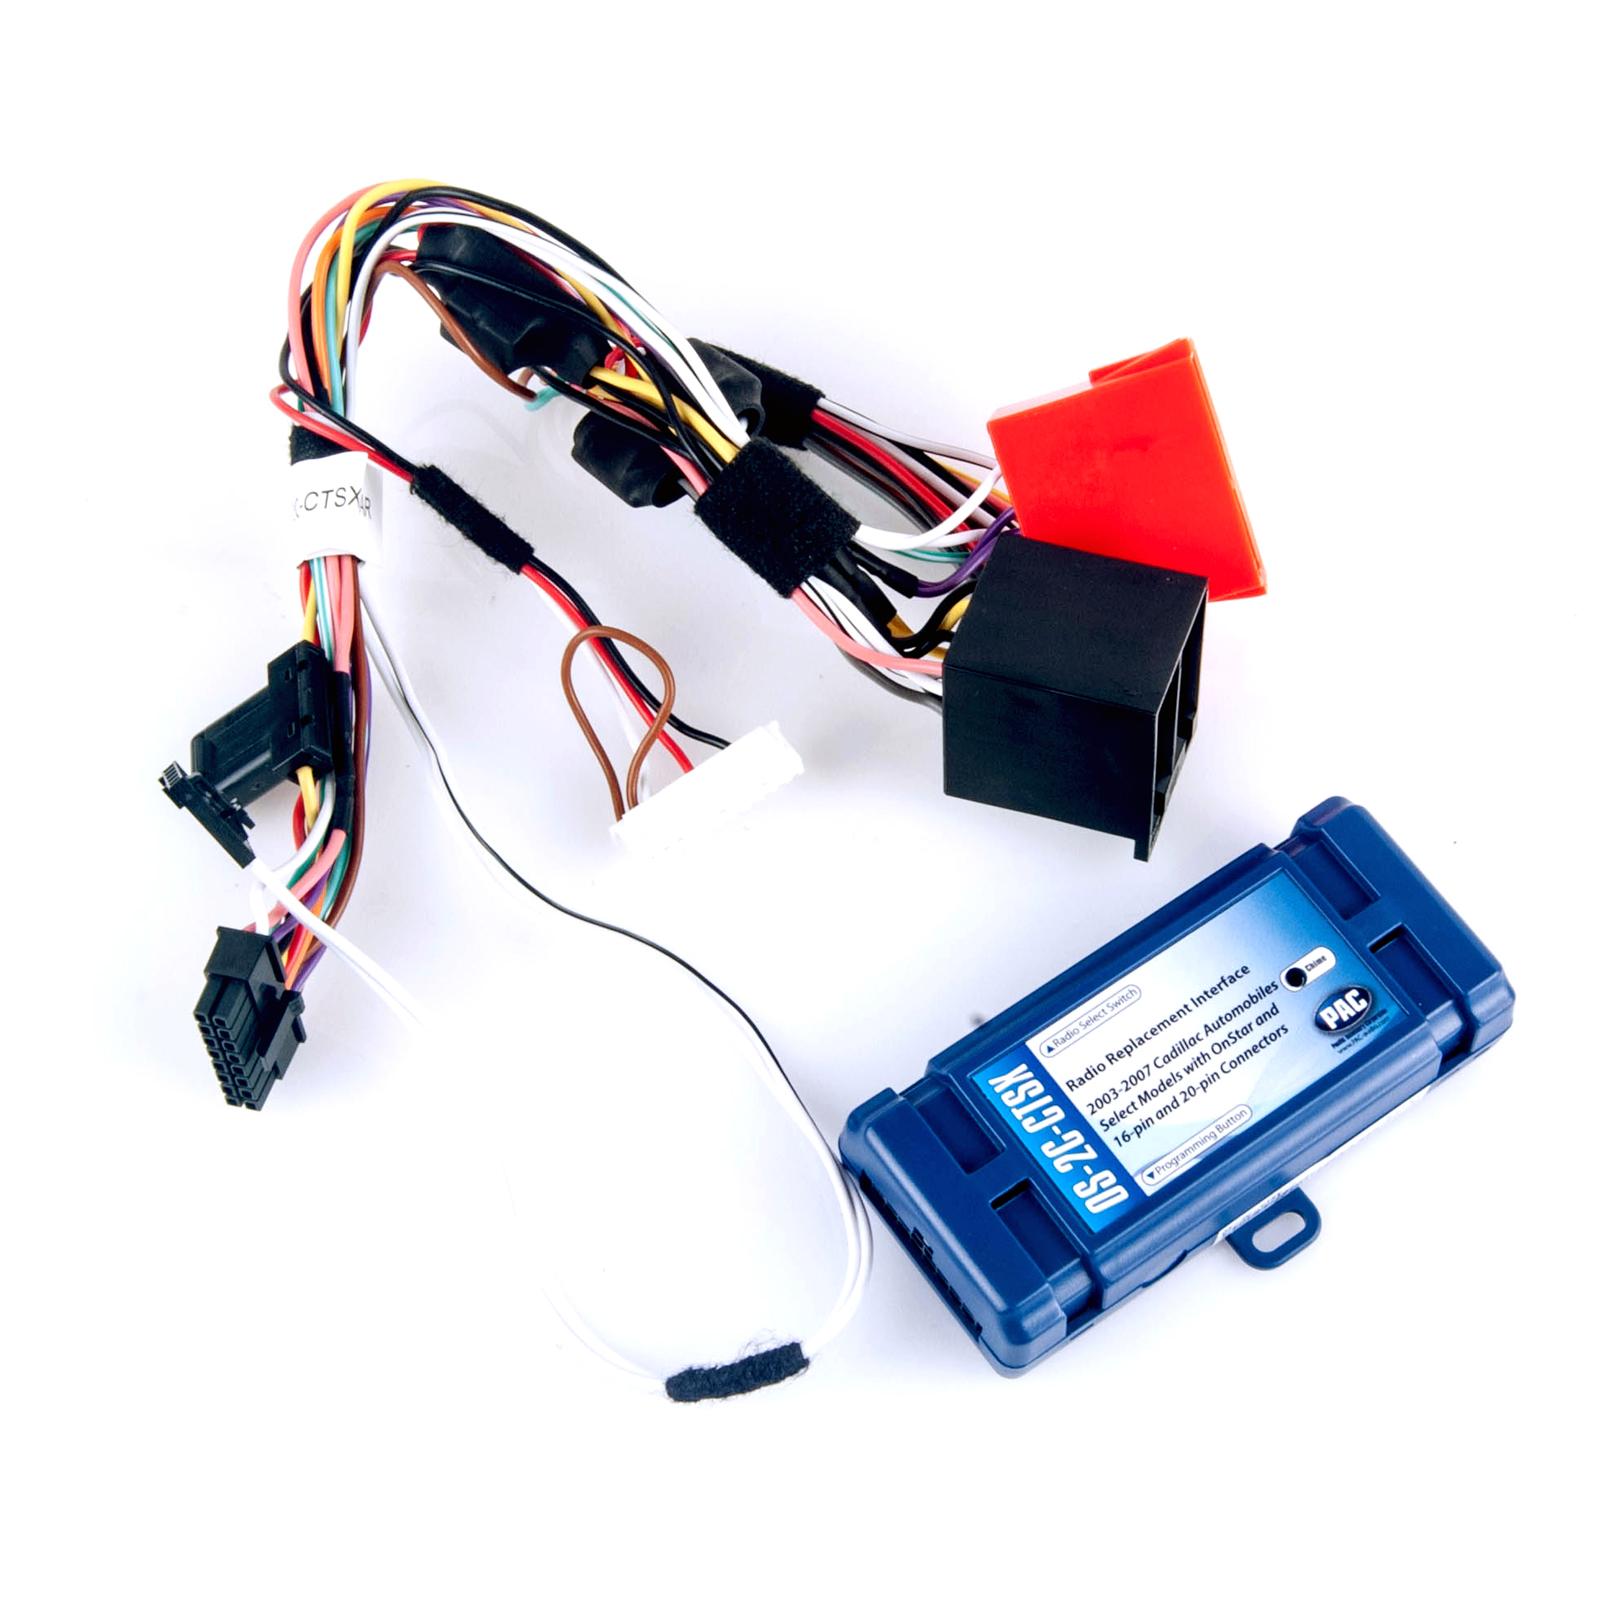 hight resolution of 2007 cadillac onstar wiring electrical wiring diagrams onstar pricing cadillac xts onstar wiring